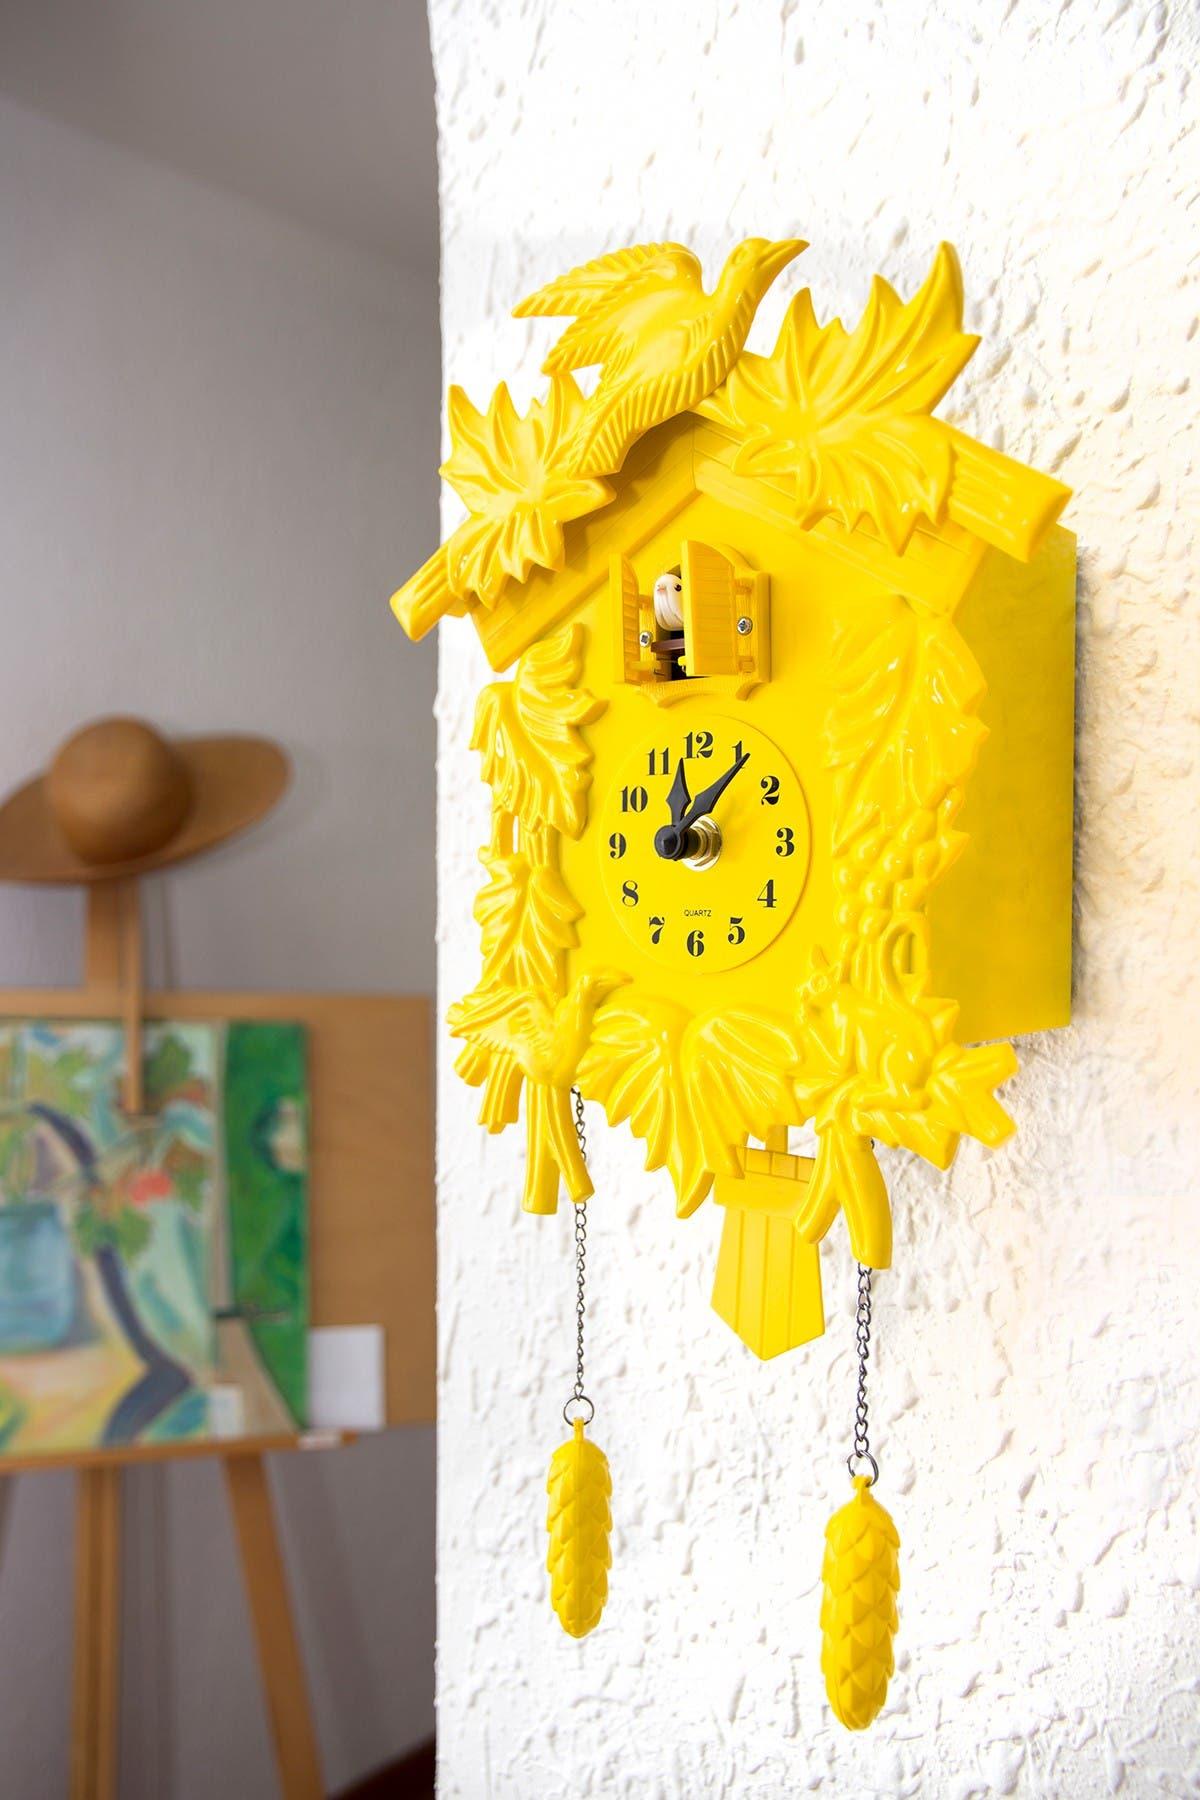 Image of WalPlus Yellow Cuckoo Clock in Yellow